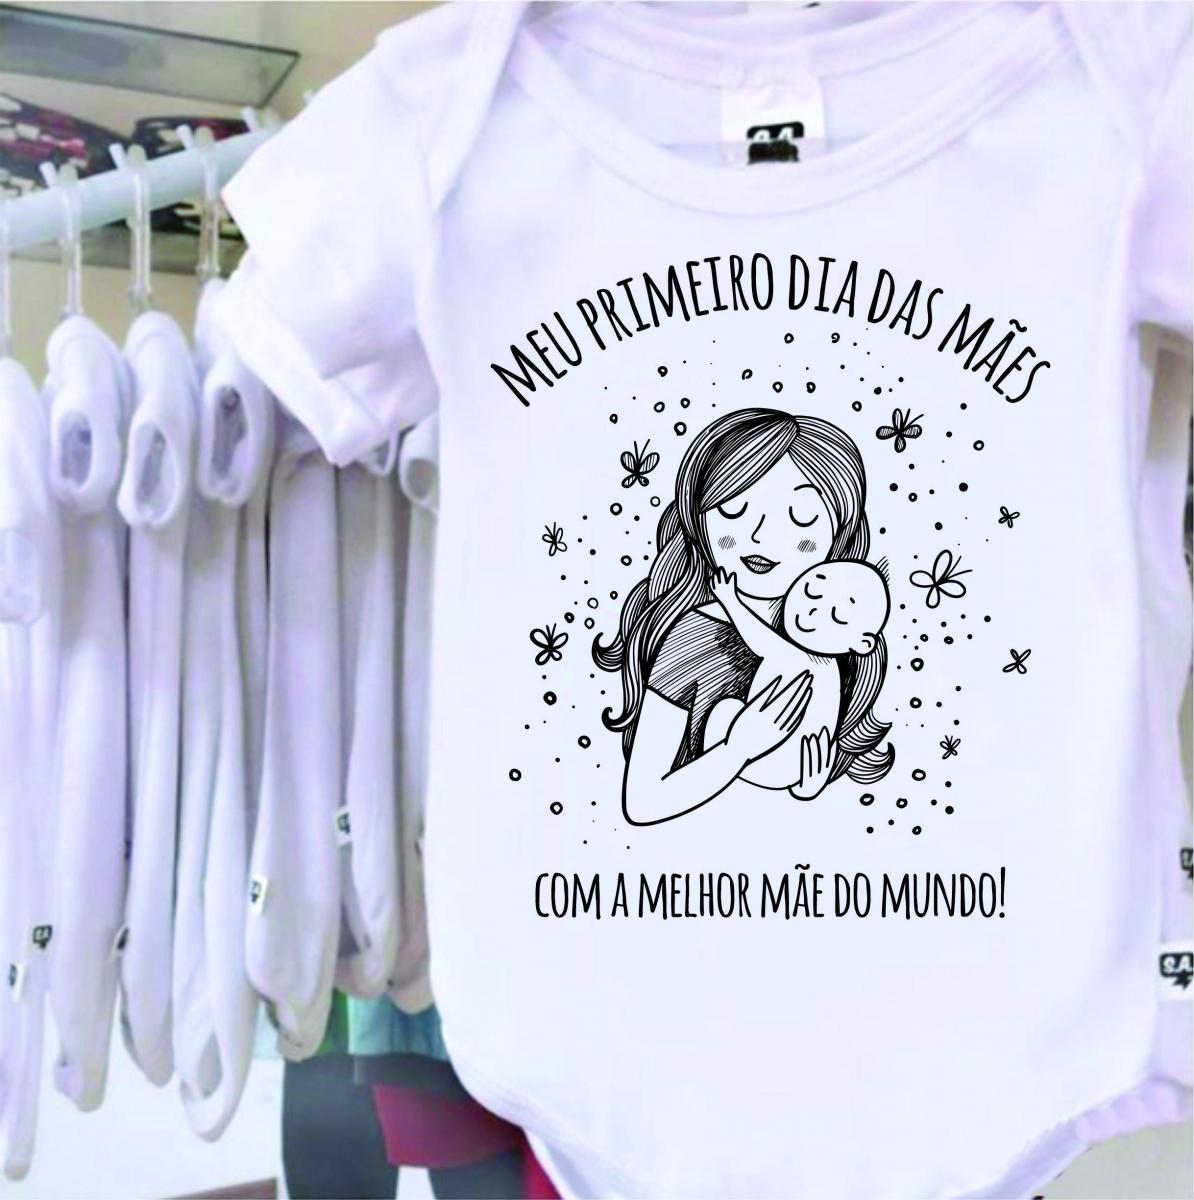 Body Meu Primeiro Dia Das Mães Com A Melhor Mãe Do Mundo